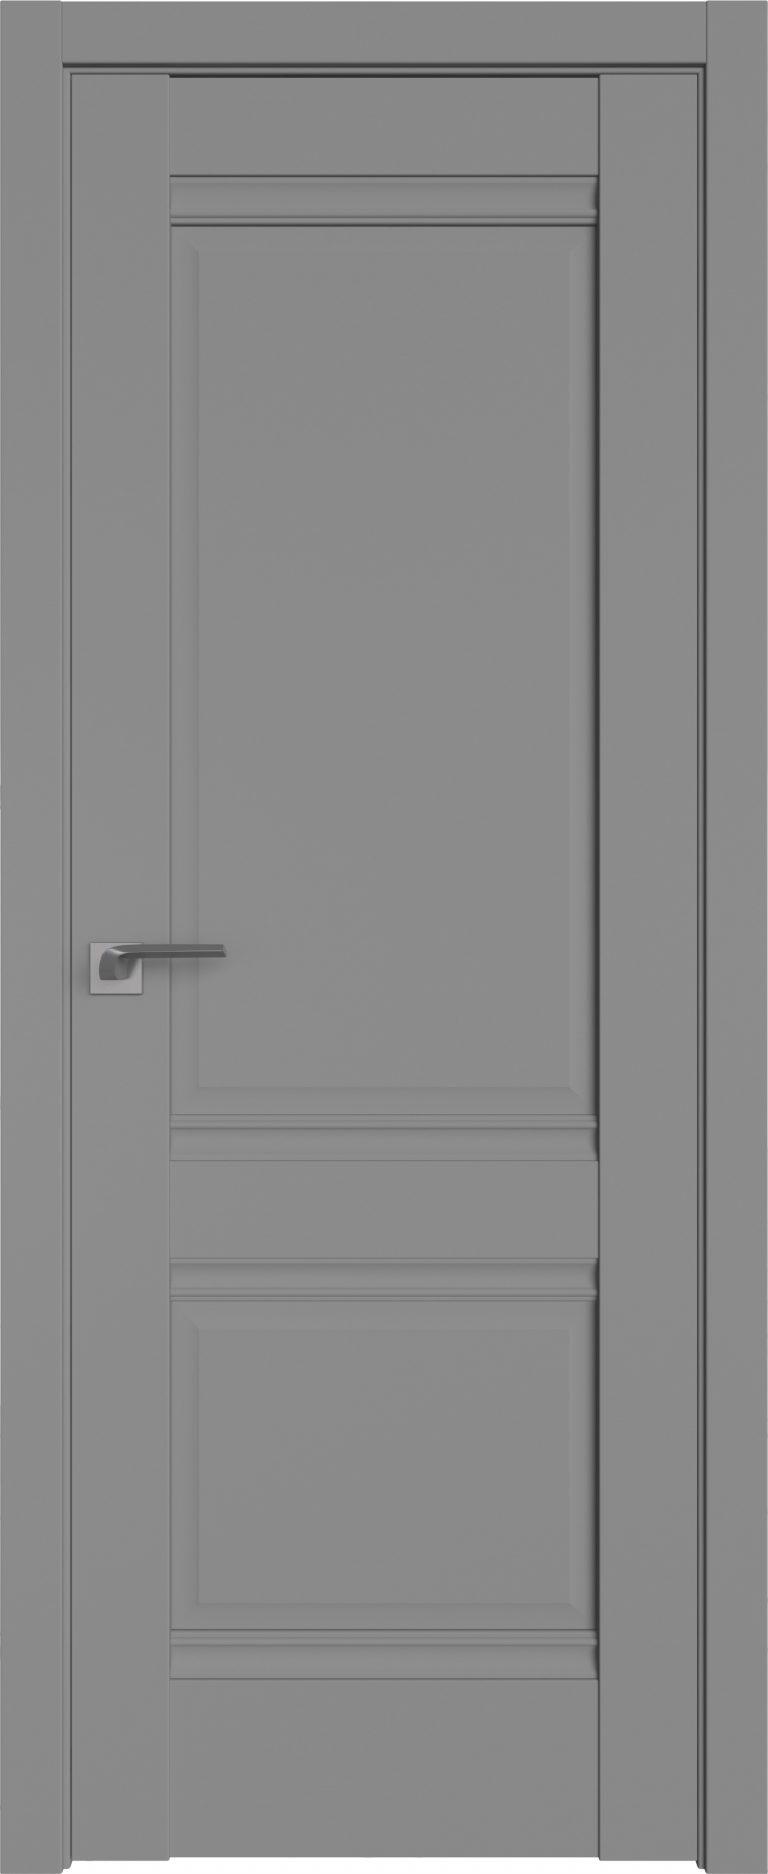 Межкомнатная дверь Profildoors 1U Манхэттен